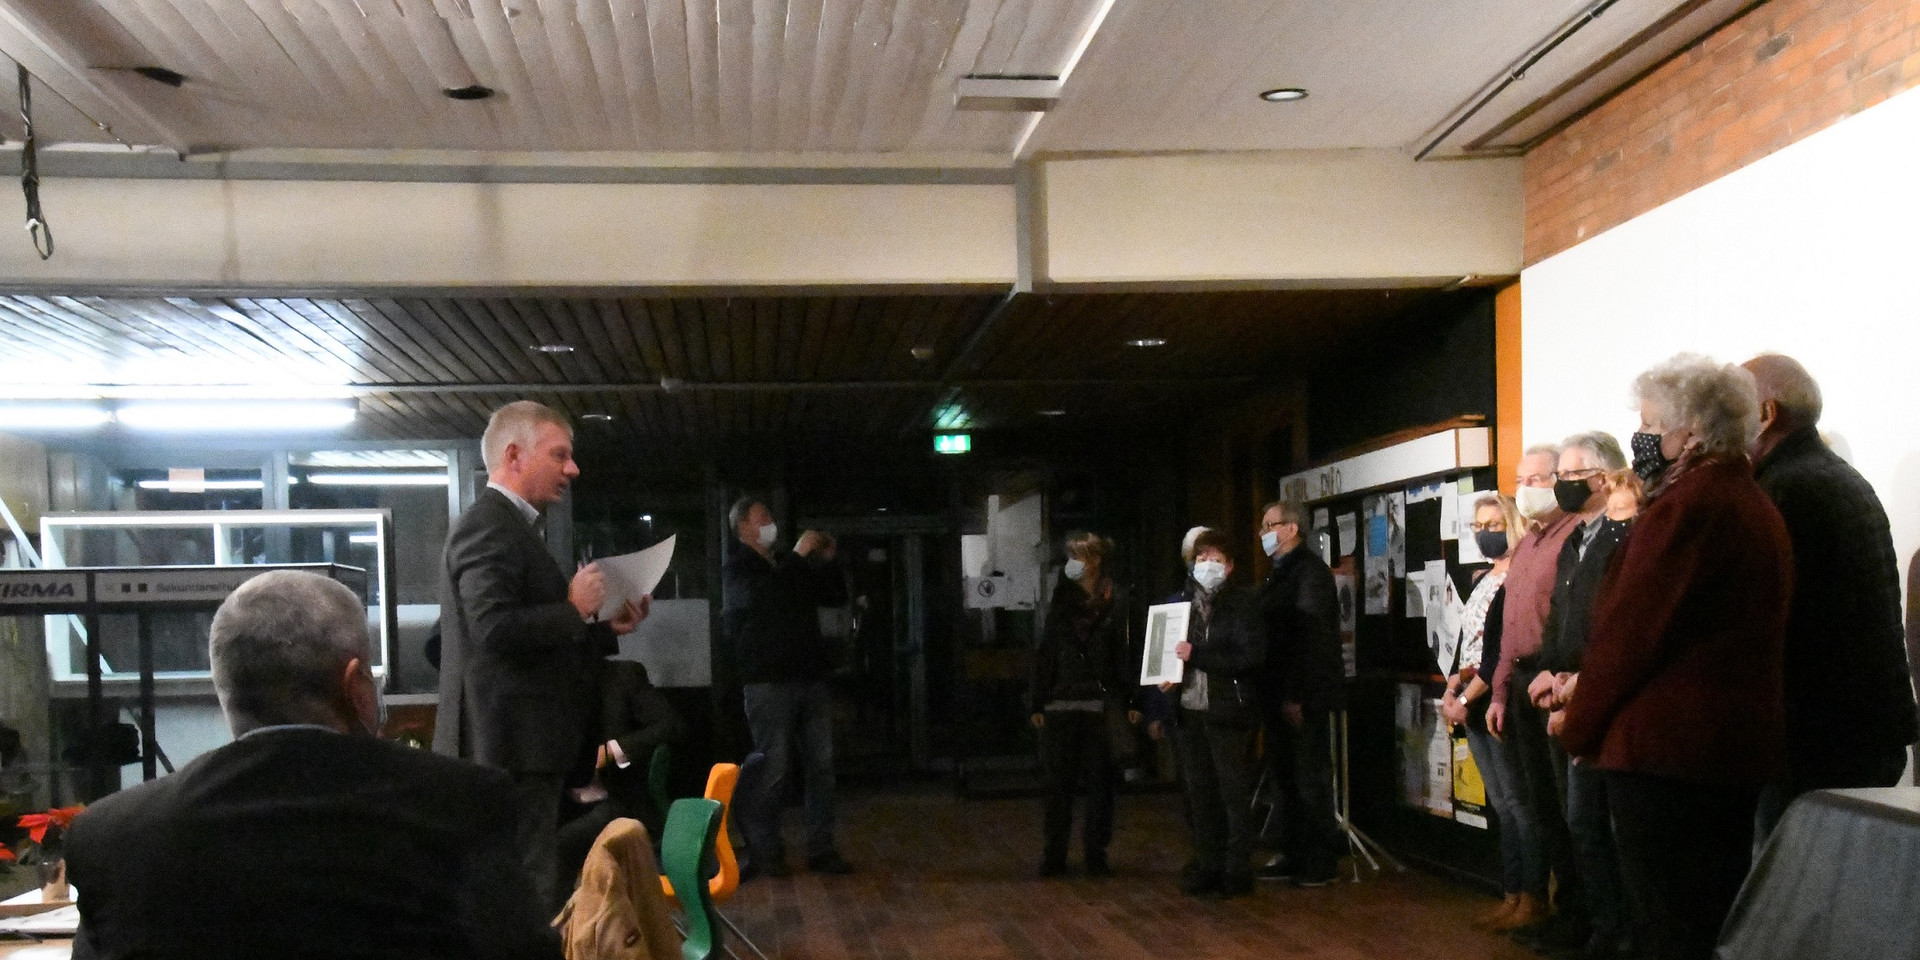 Begrüßung durch den neuen Bürgermeister Frank Meier